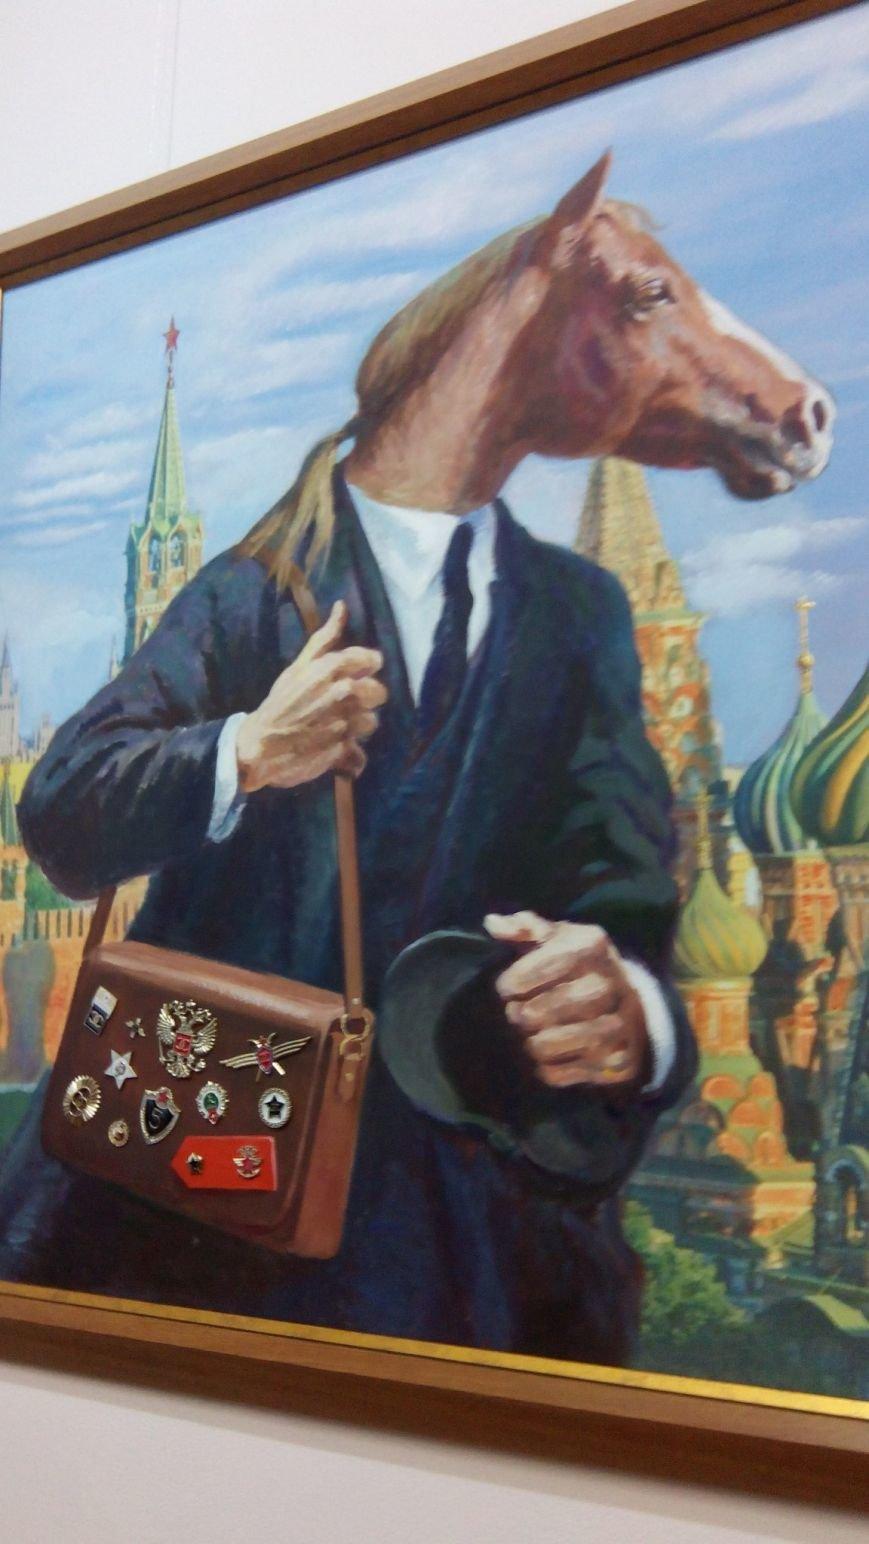 Ночью в днепропетровский музее обезьяна спряталась за красным знаменем, а смерть предлагала сыграть в шахматы (ФОТО) (фото) - фото 1